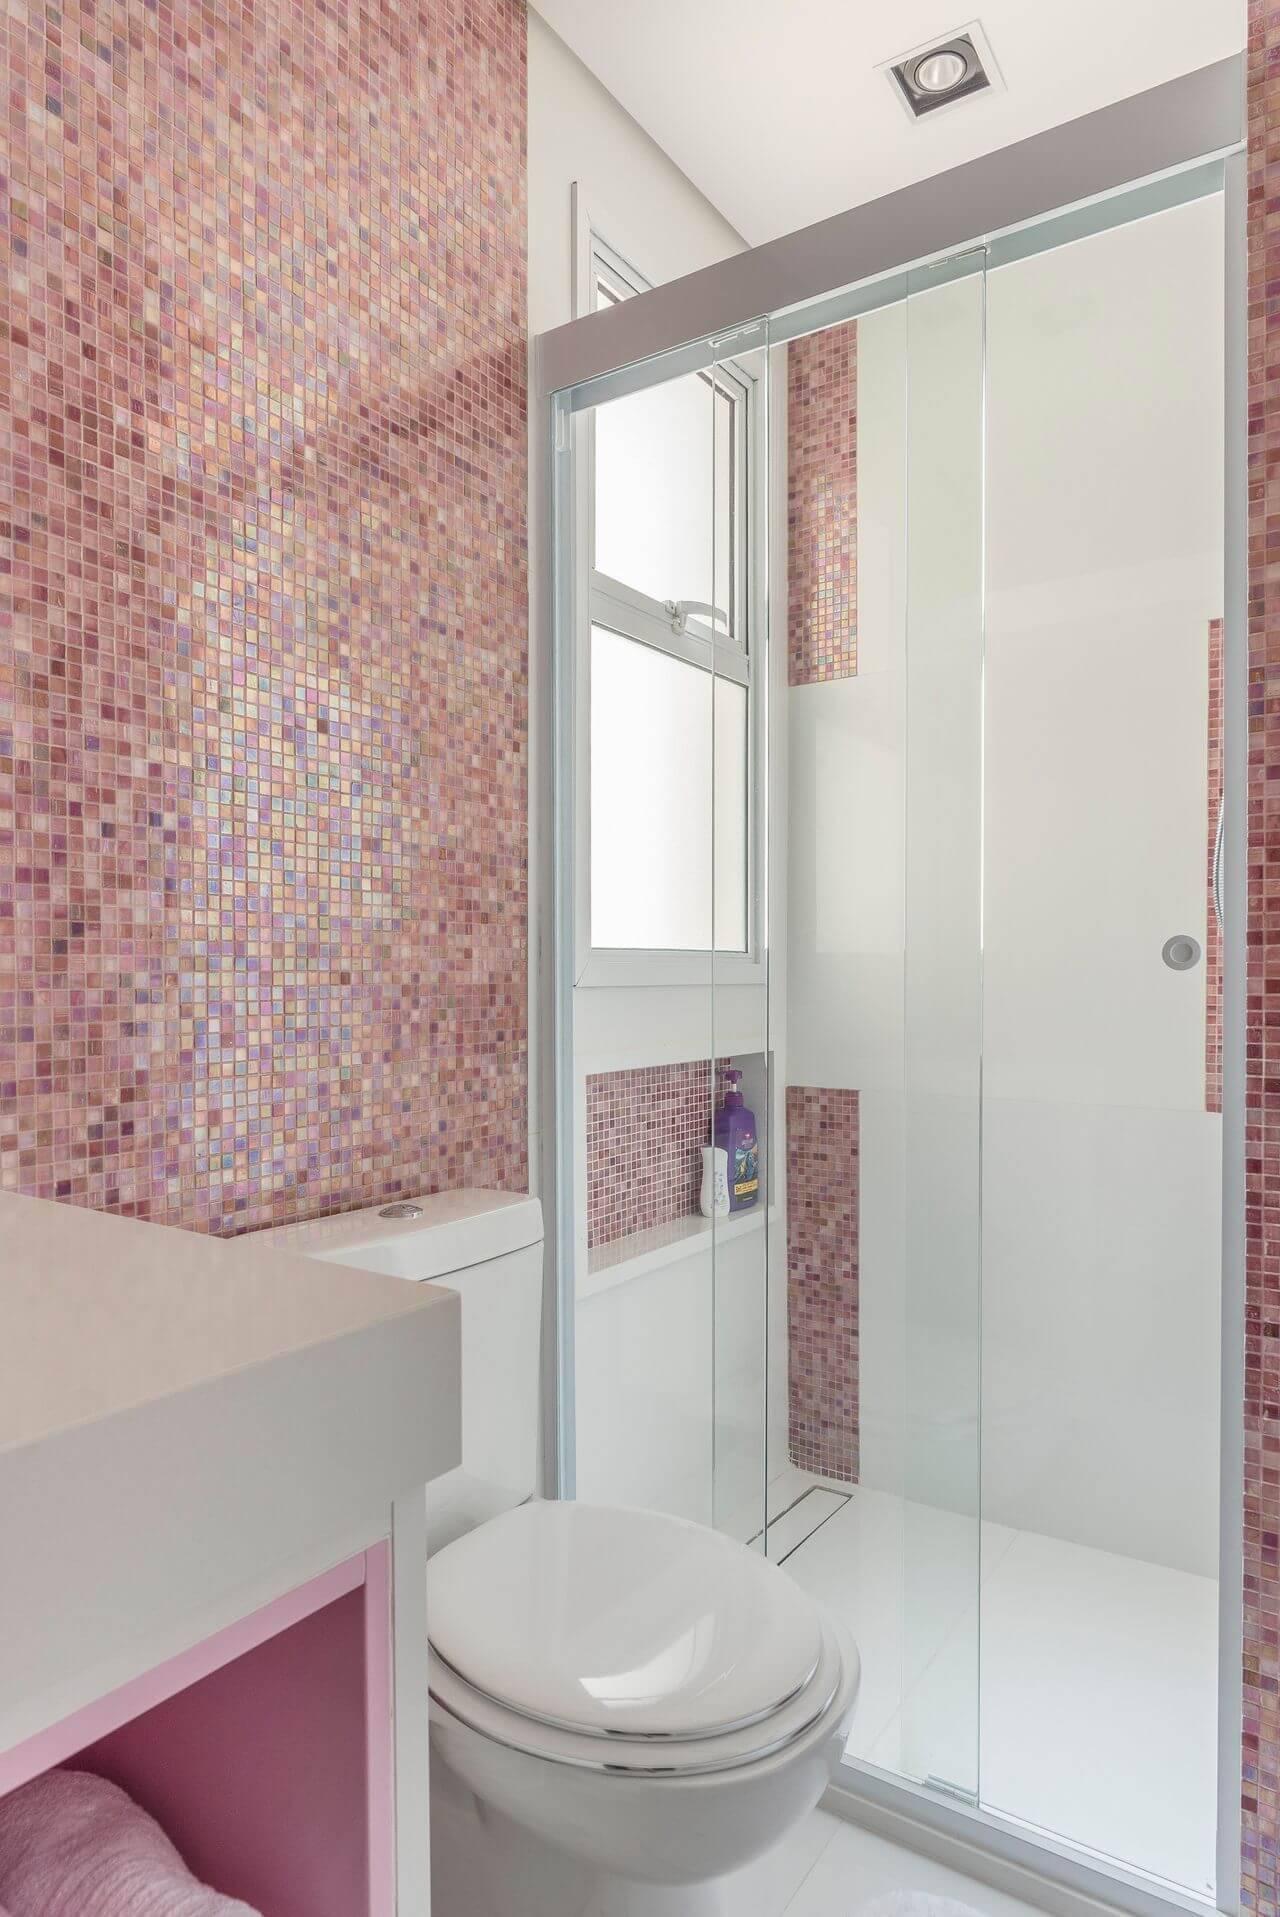 Decoração de banheiro com nicho embaixo da janela Projeto de Idealizzare Arq